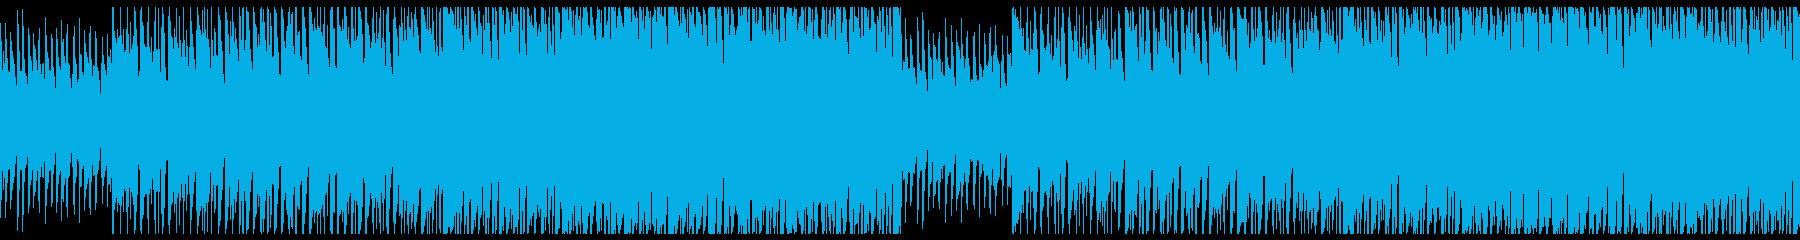 おしゃれなEDM2分バージョンの再生済みの波形